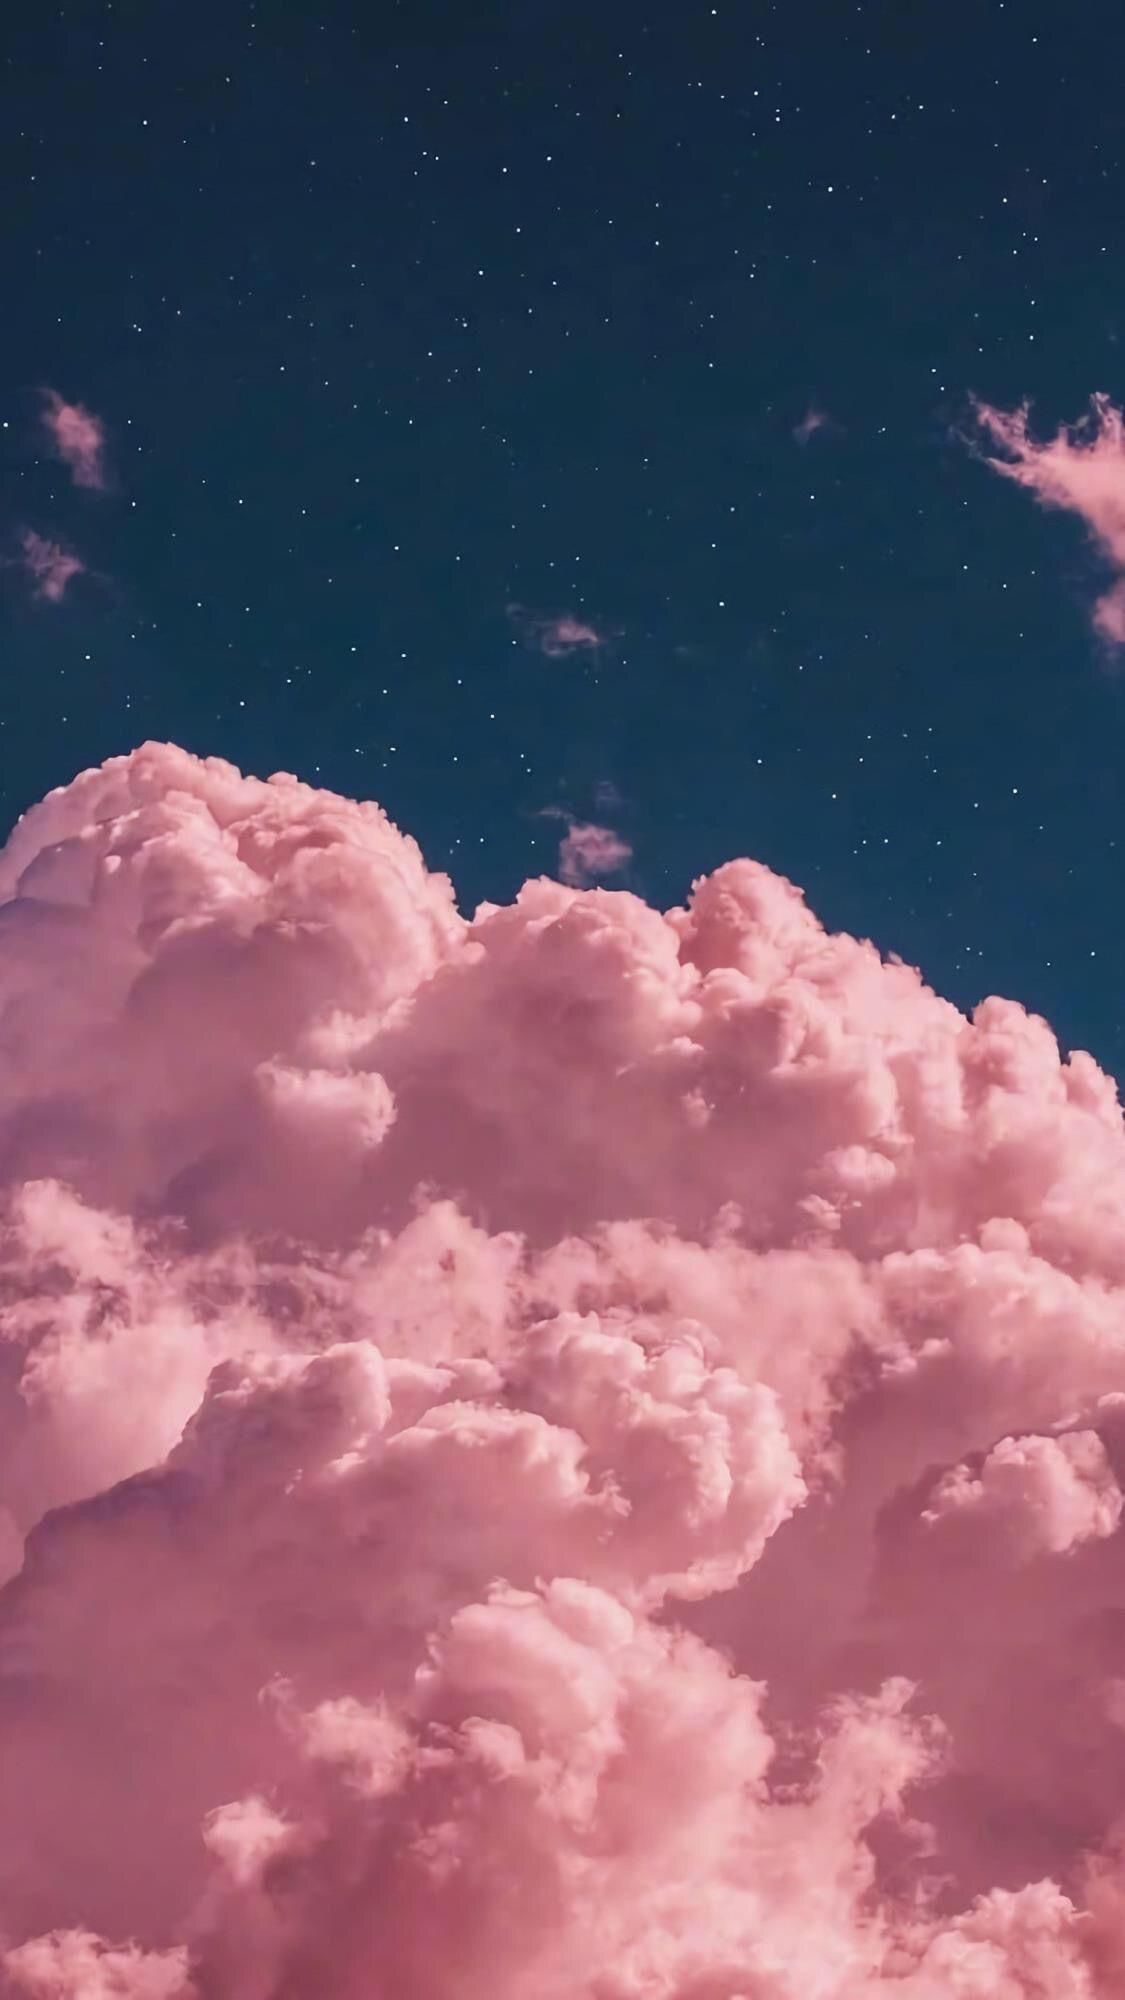 Pink Morandi Wallpaper Iphone In 2020 Iphone Wallpaper Sky Cute Black Wallpaper Cloud Wallpaper